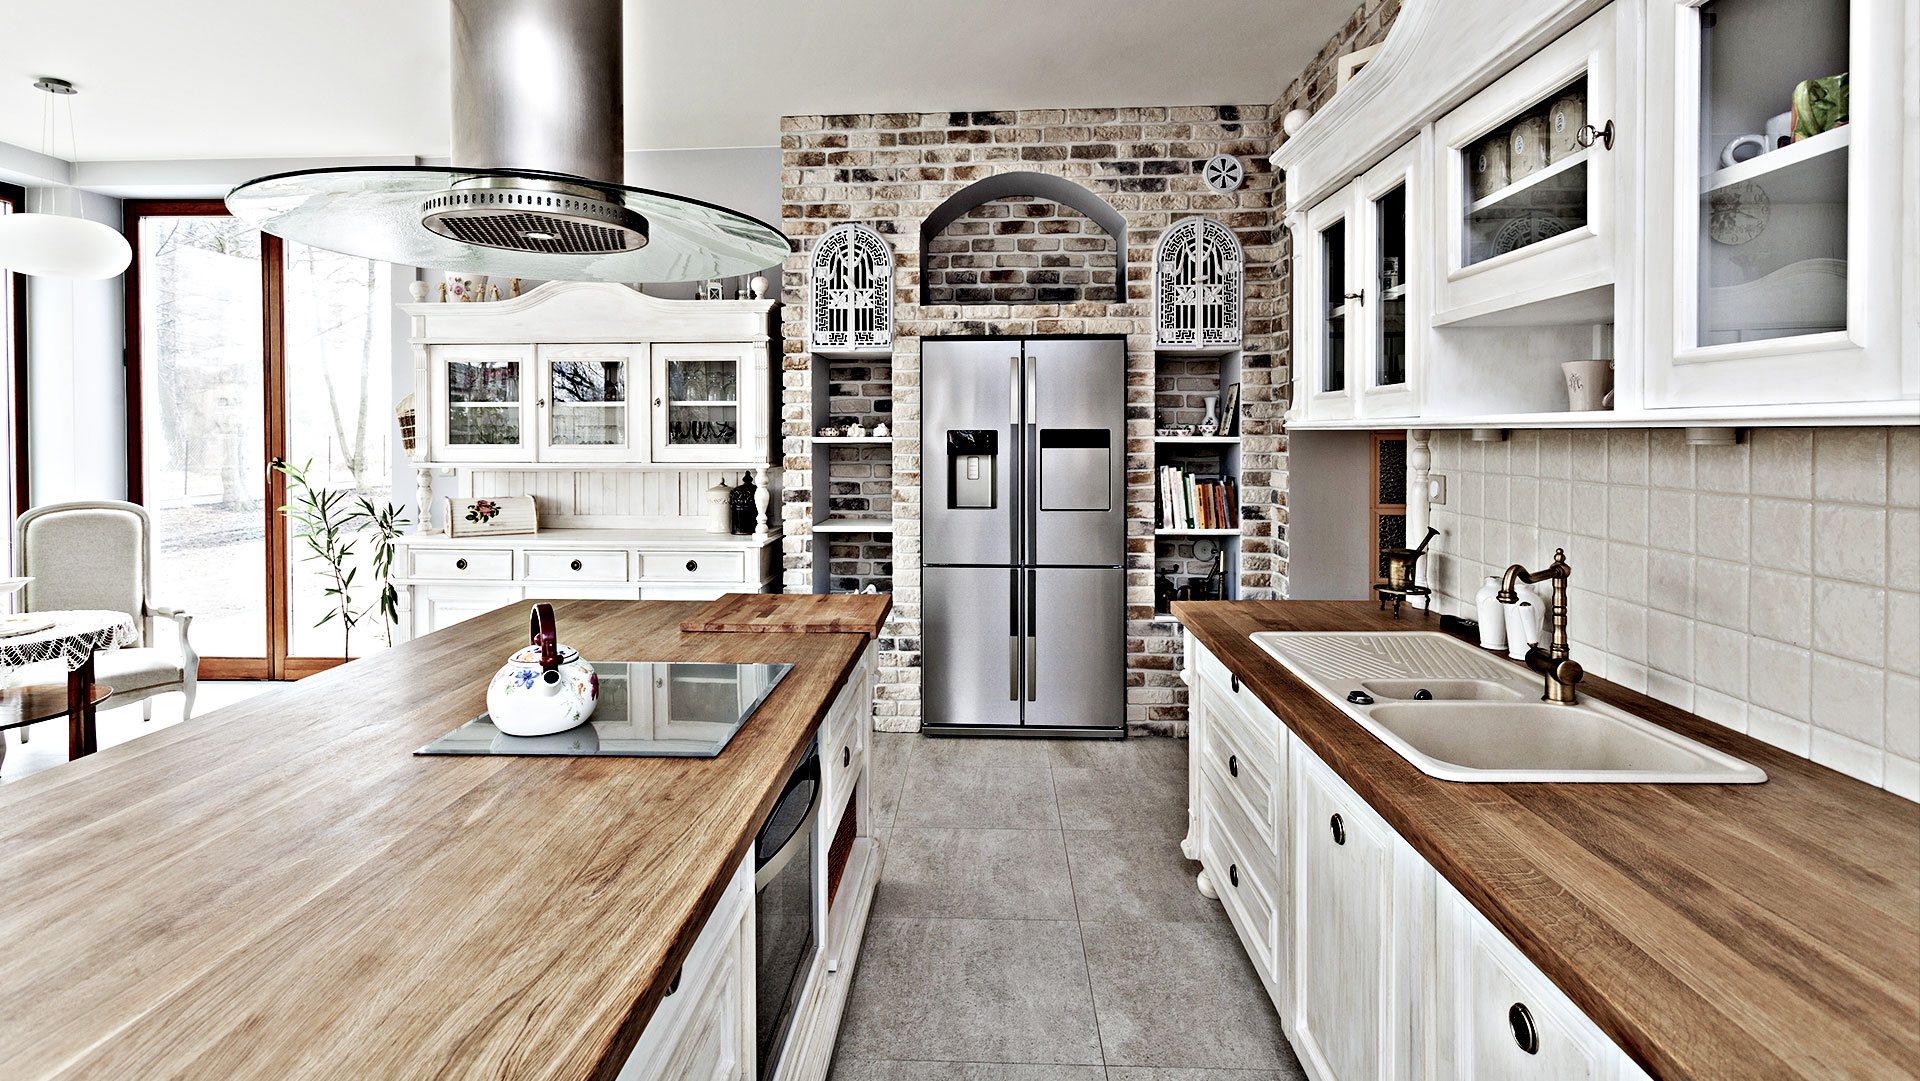 Sandridge Home Improvement Remodeled Kitchen 1